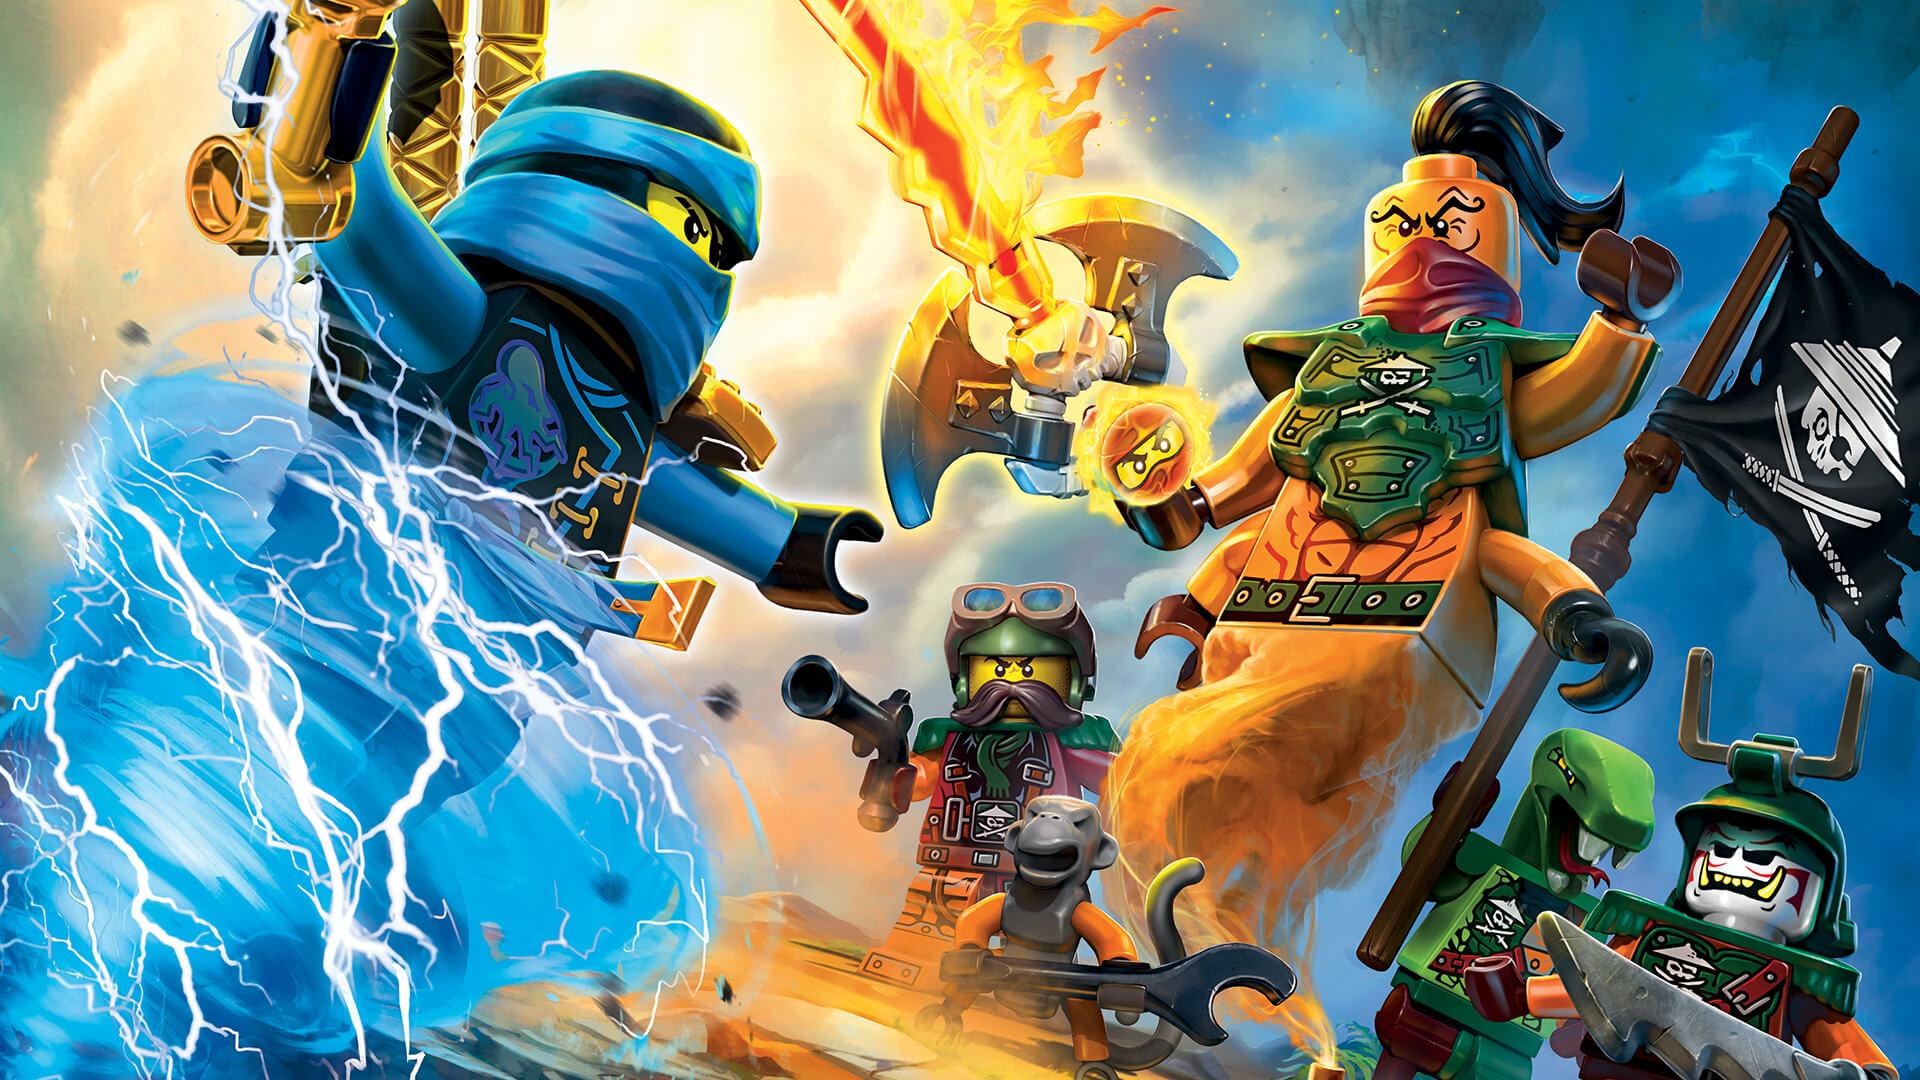 Lego ninjago: masters of spinjitzu | tv fanart | fanart. Tv.